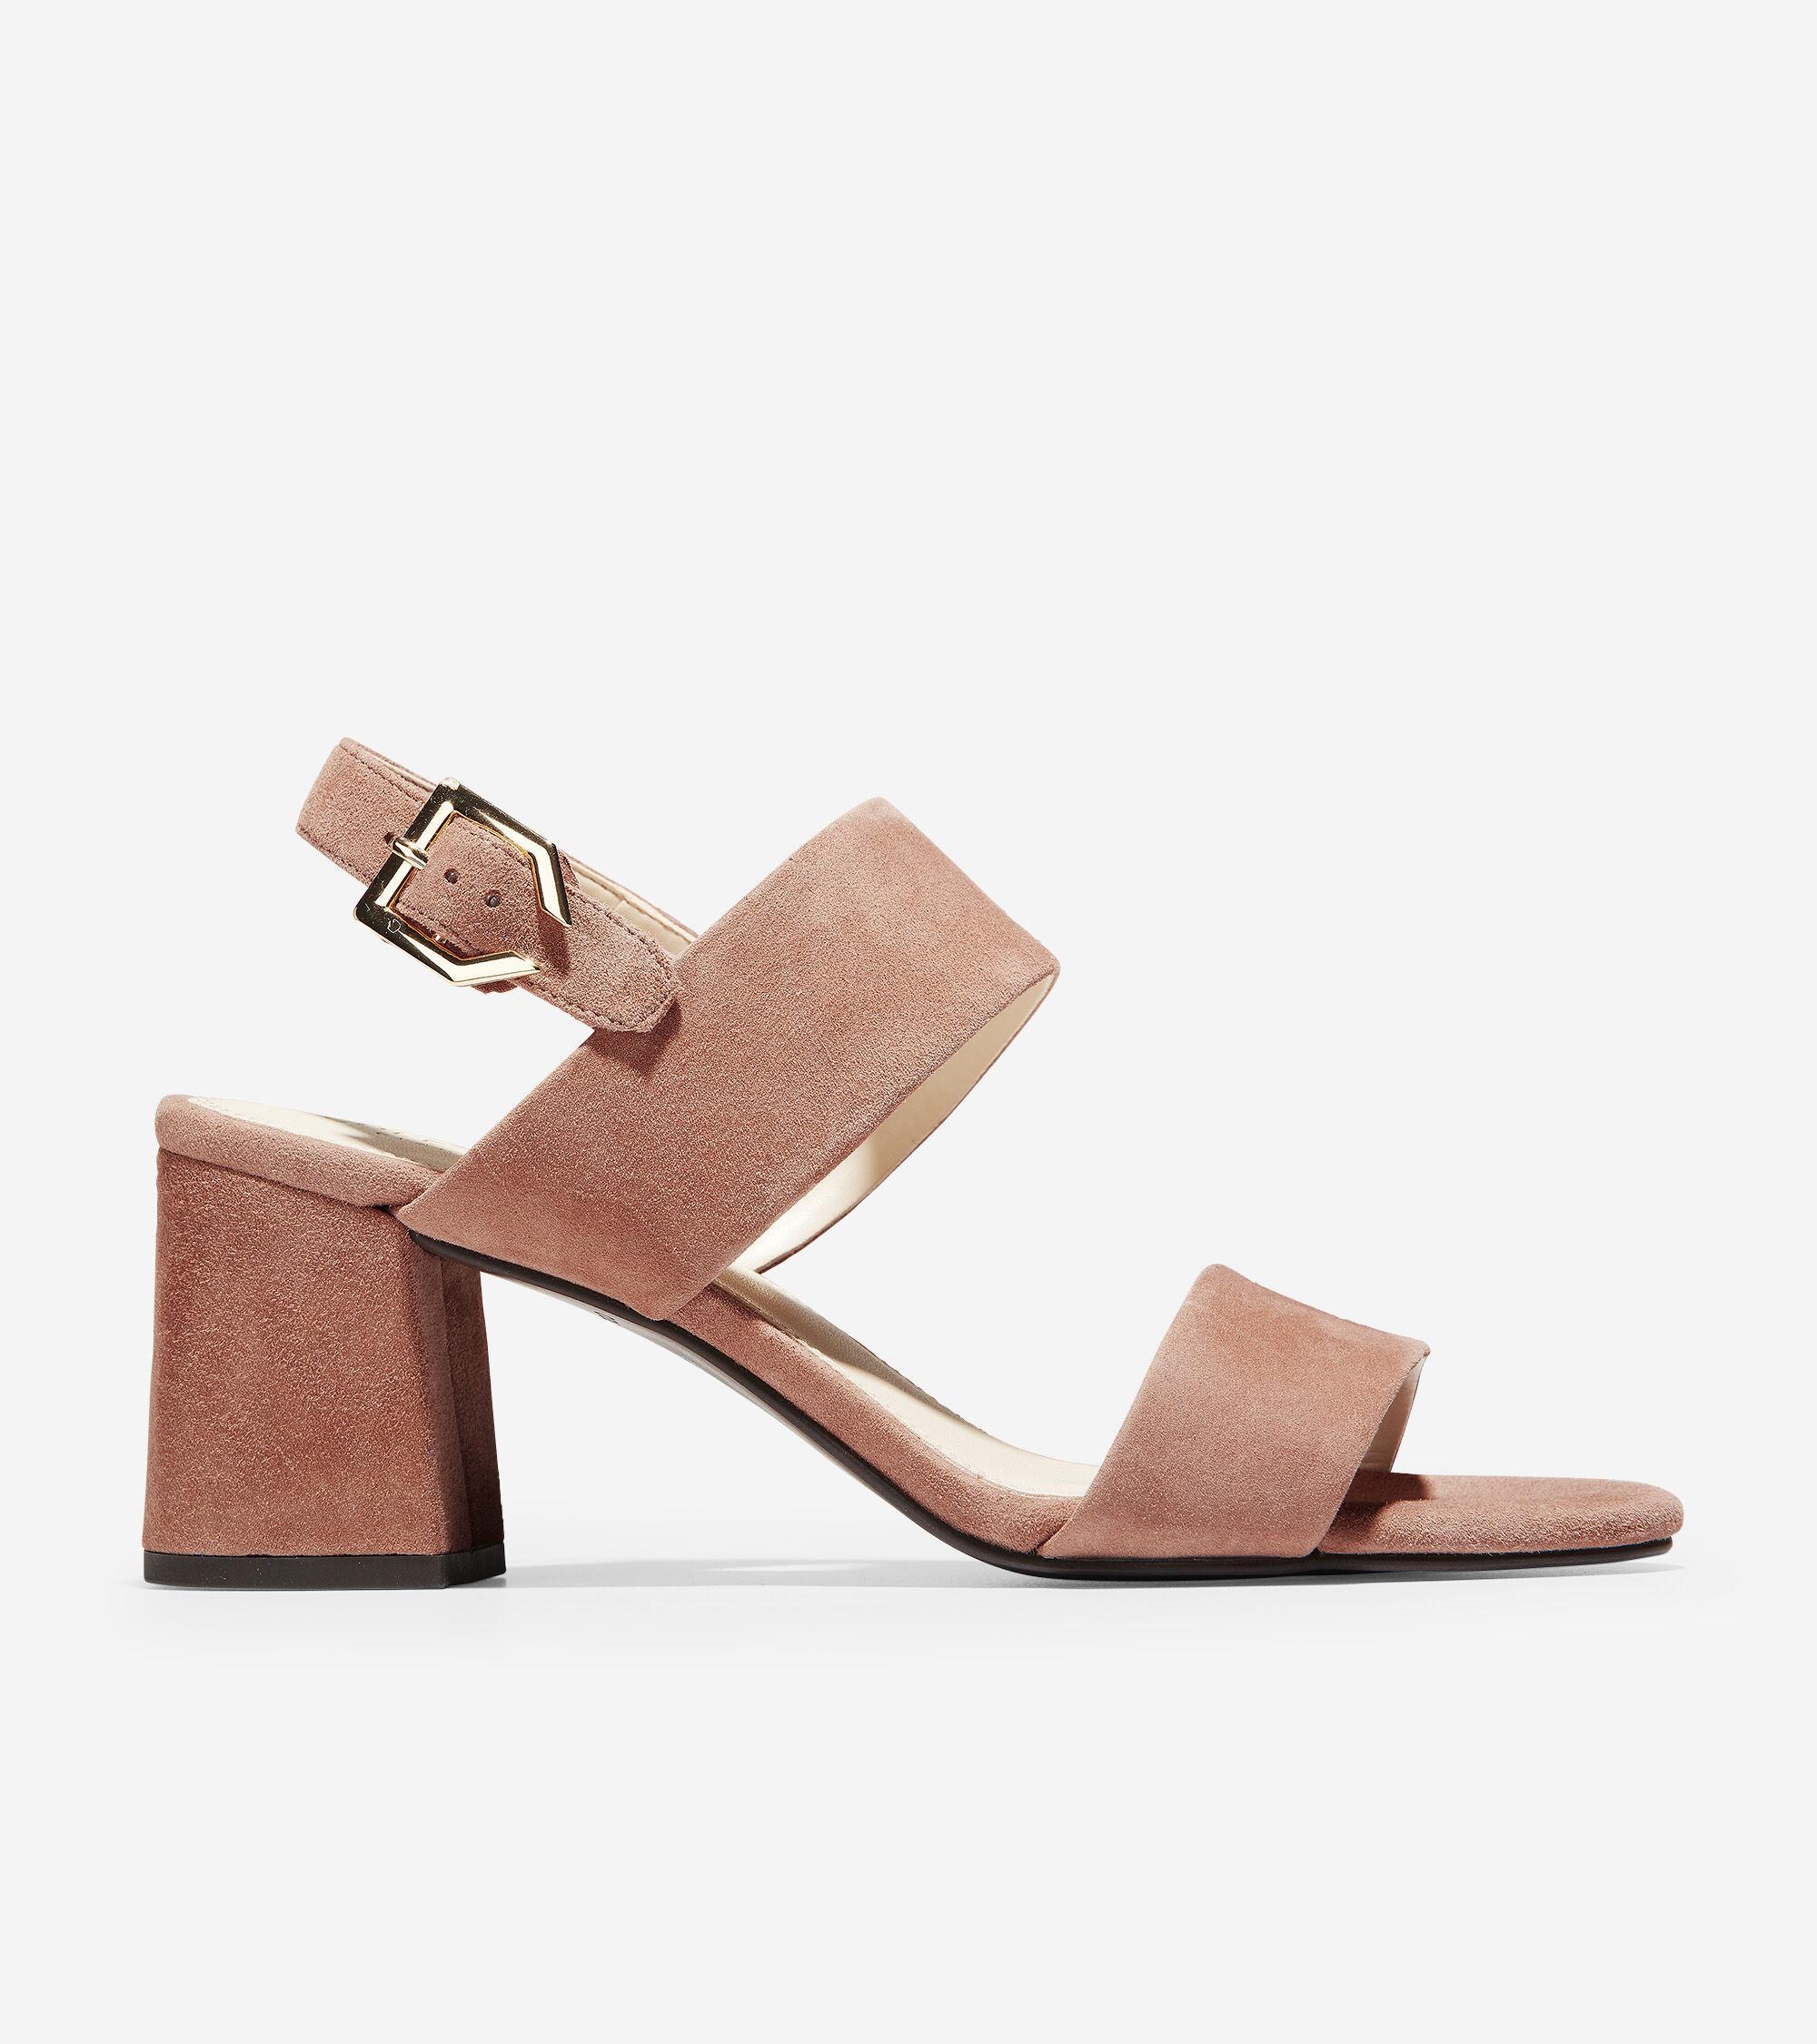 54c07b49cf1 Women s Avani City Sandals 65mm in Mocha